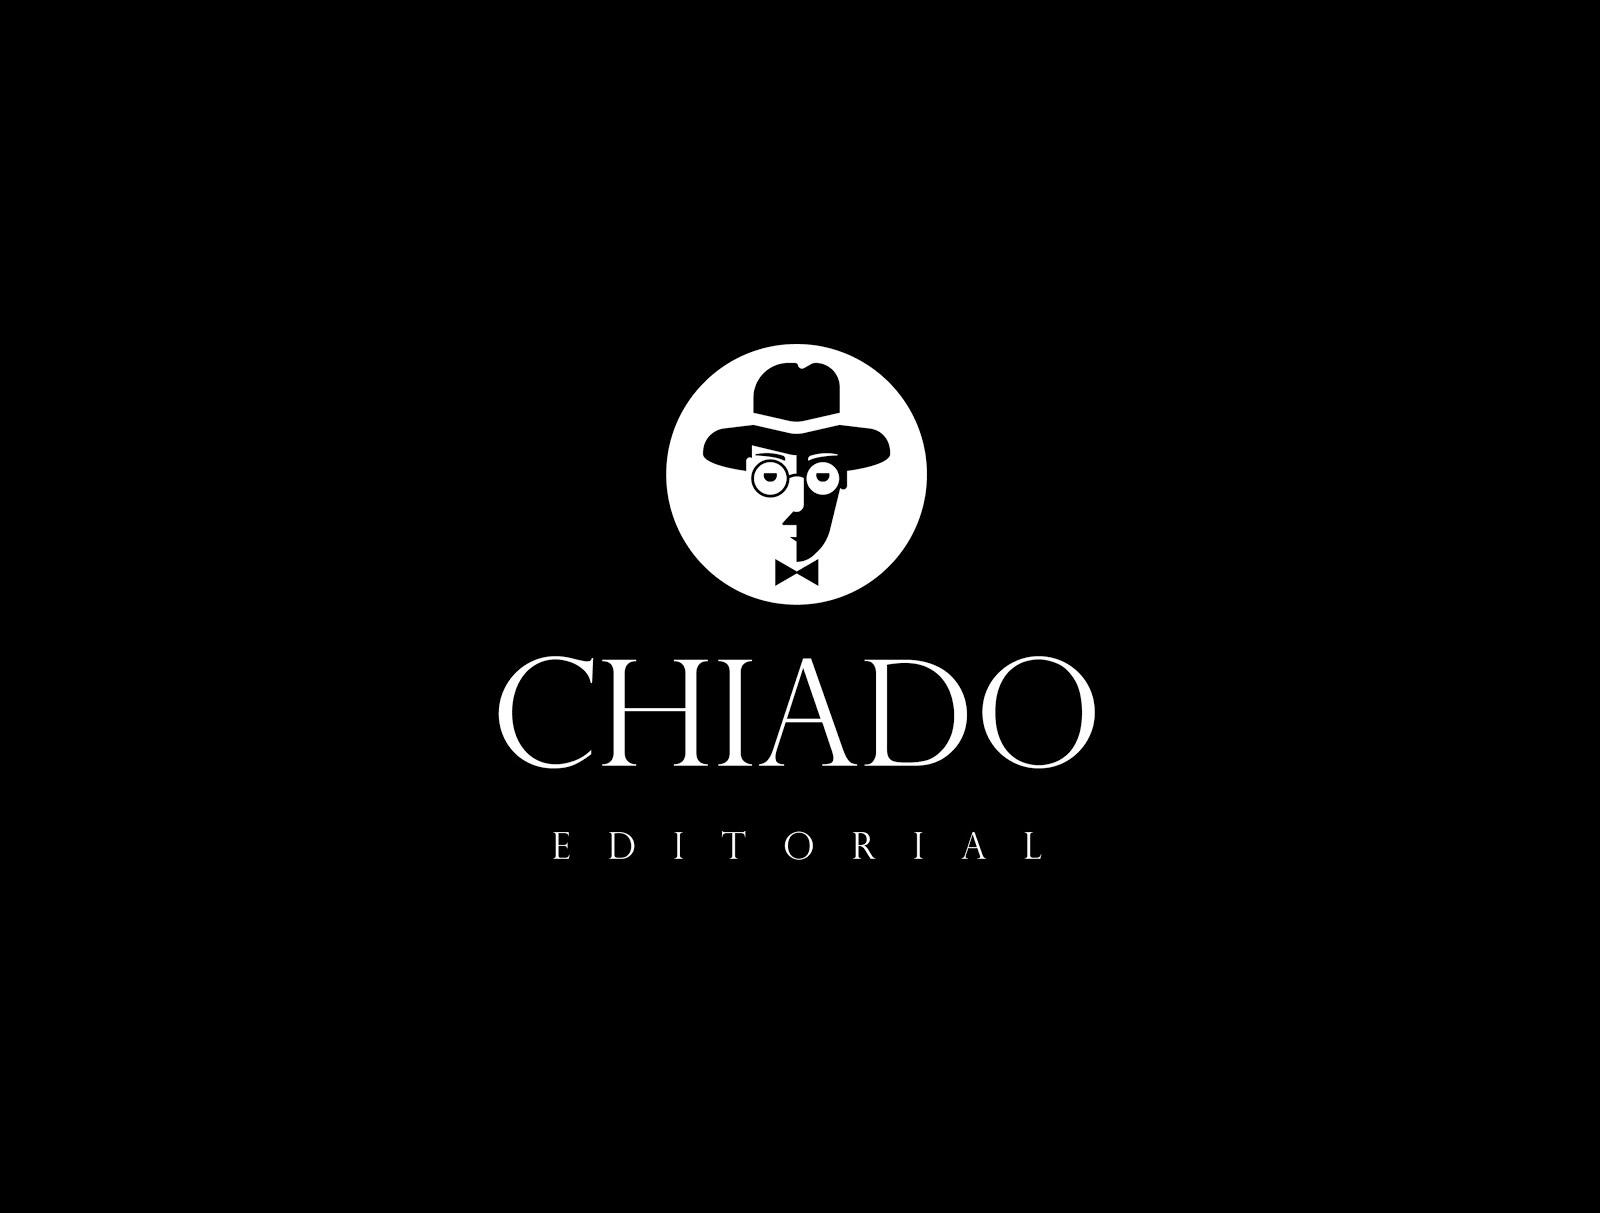 Colaboro con:  CHIADO EDITORIAL